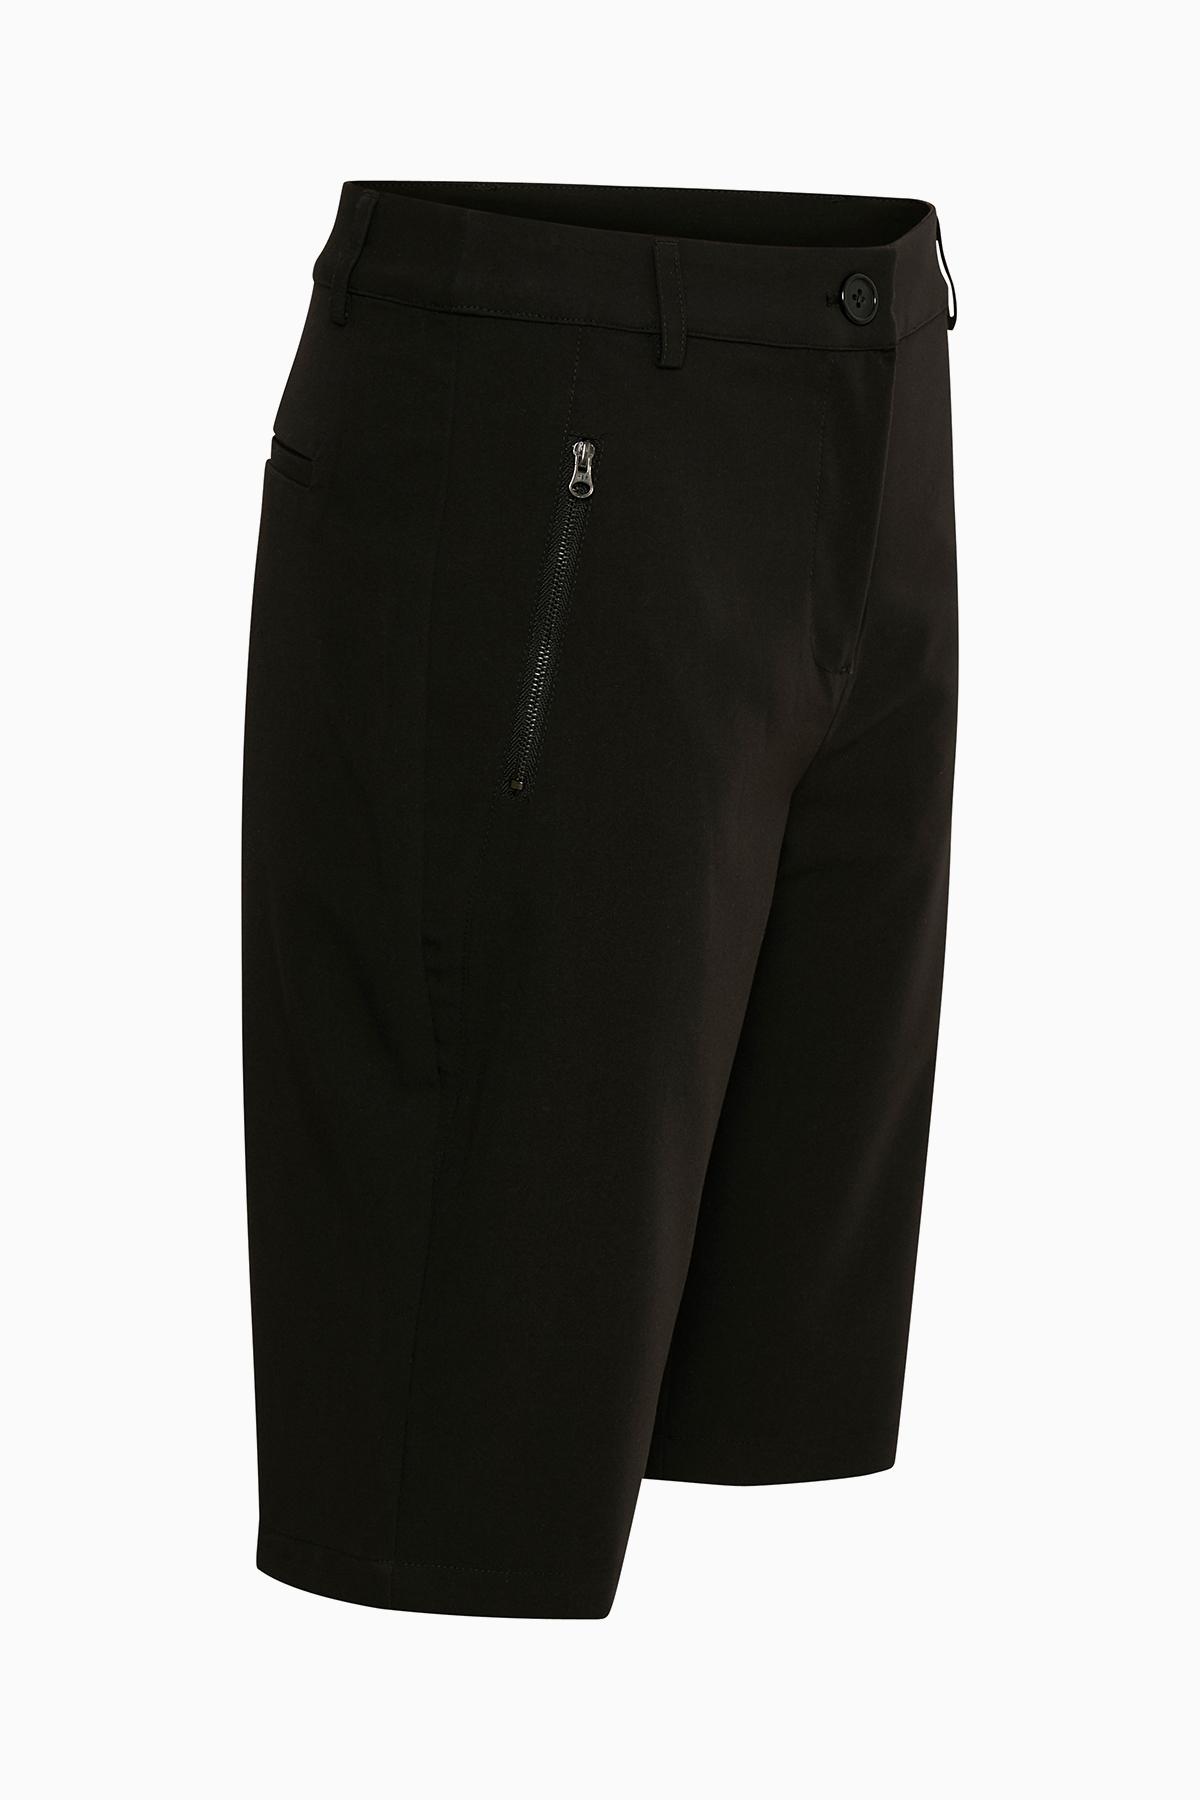 Bon'A Parte Dame Short - Zwart